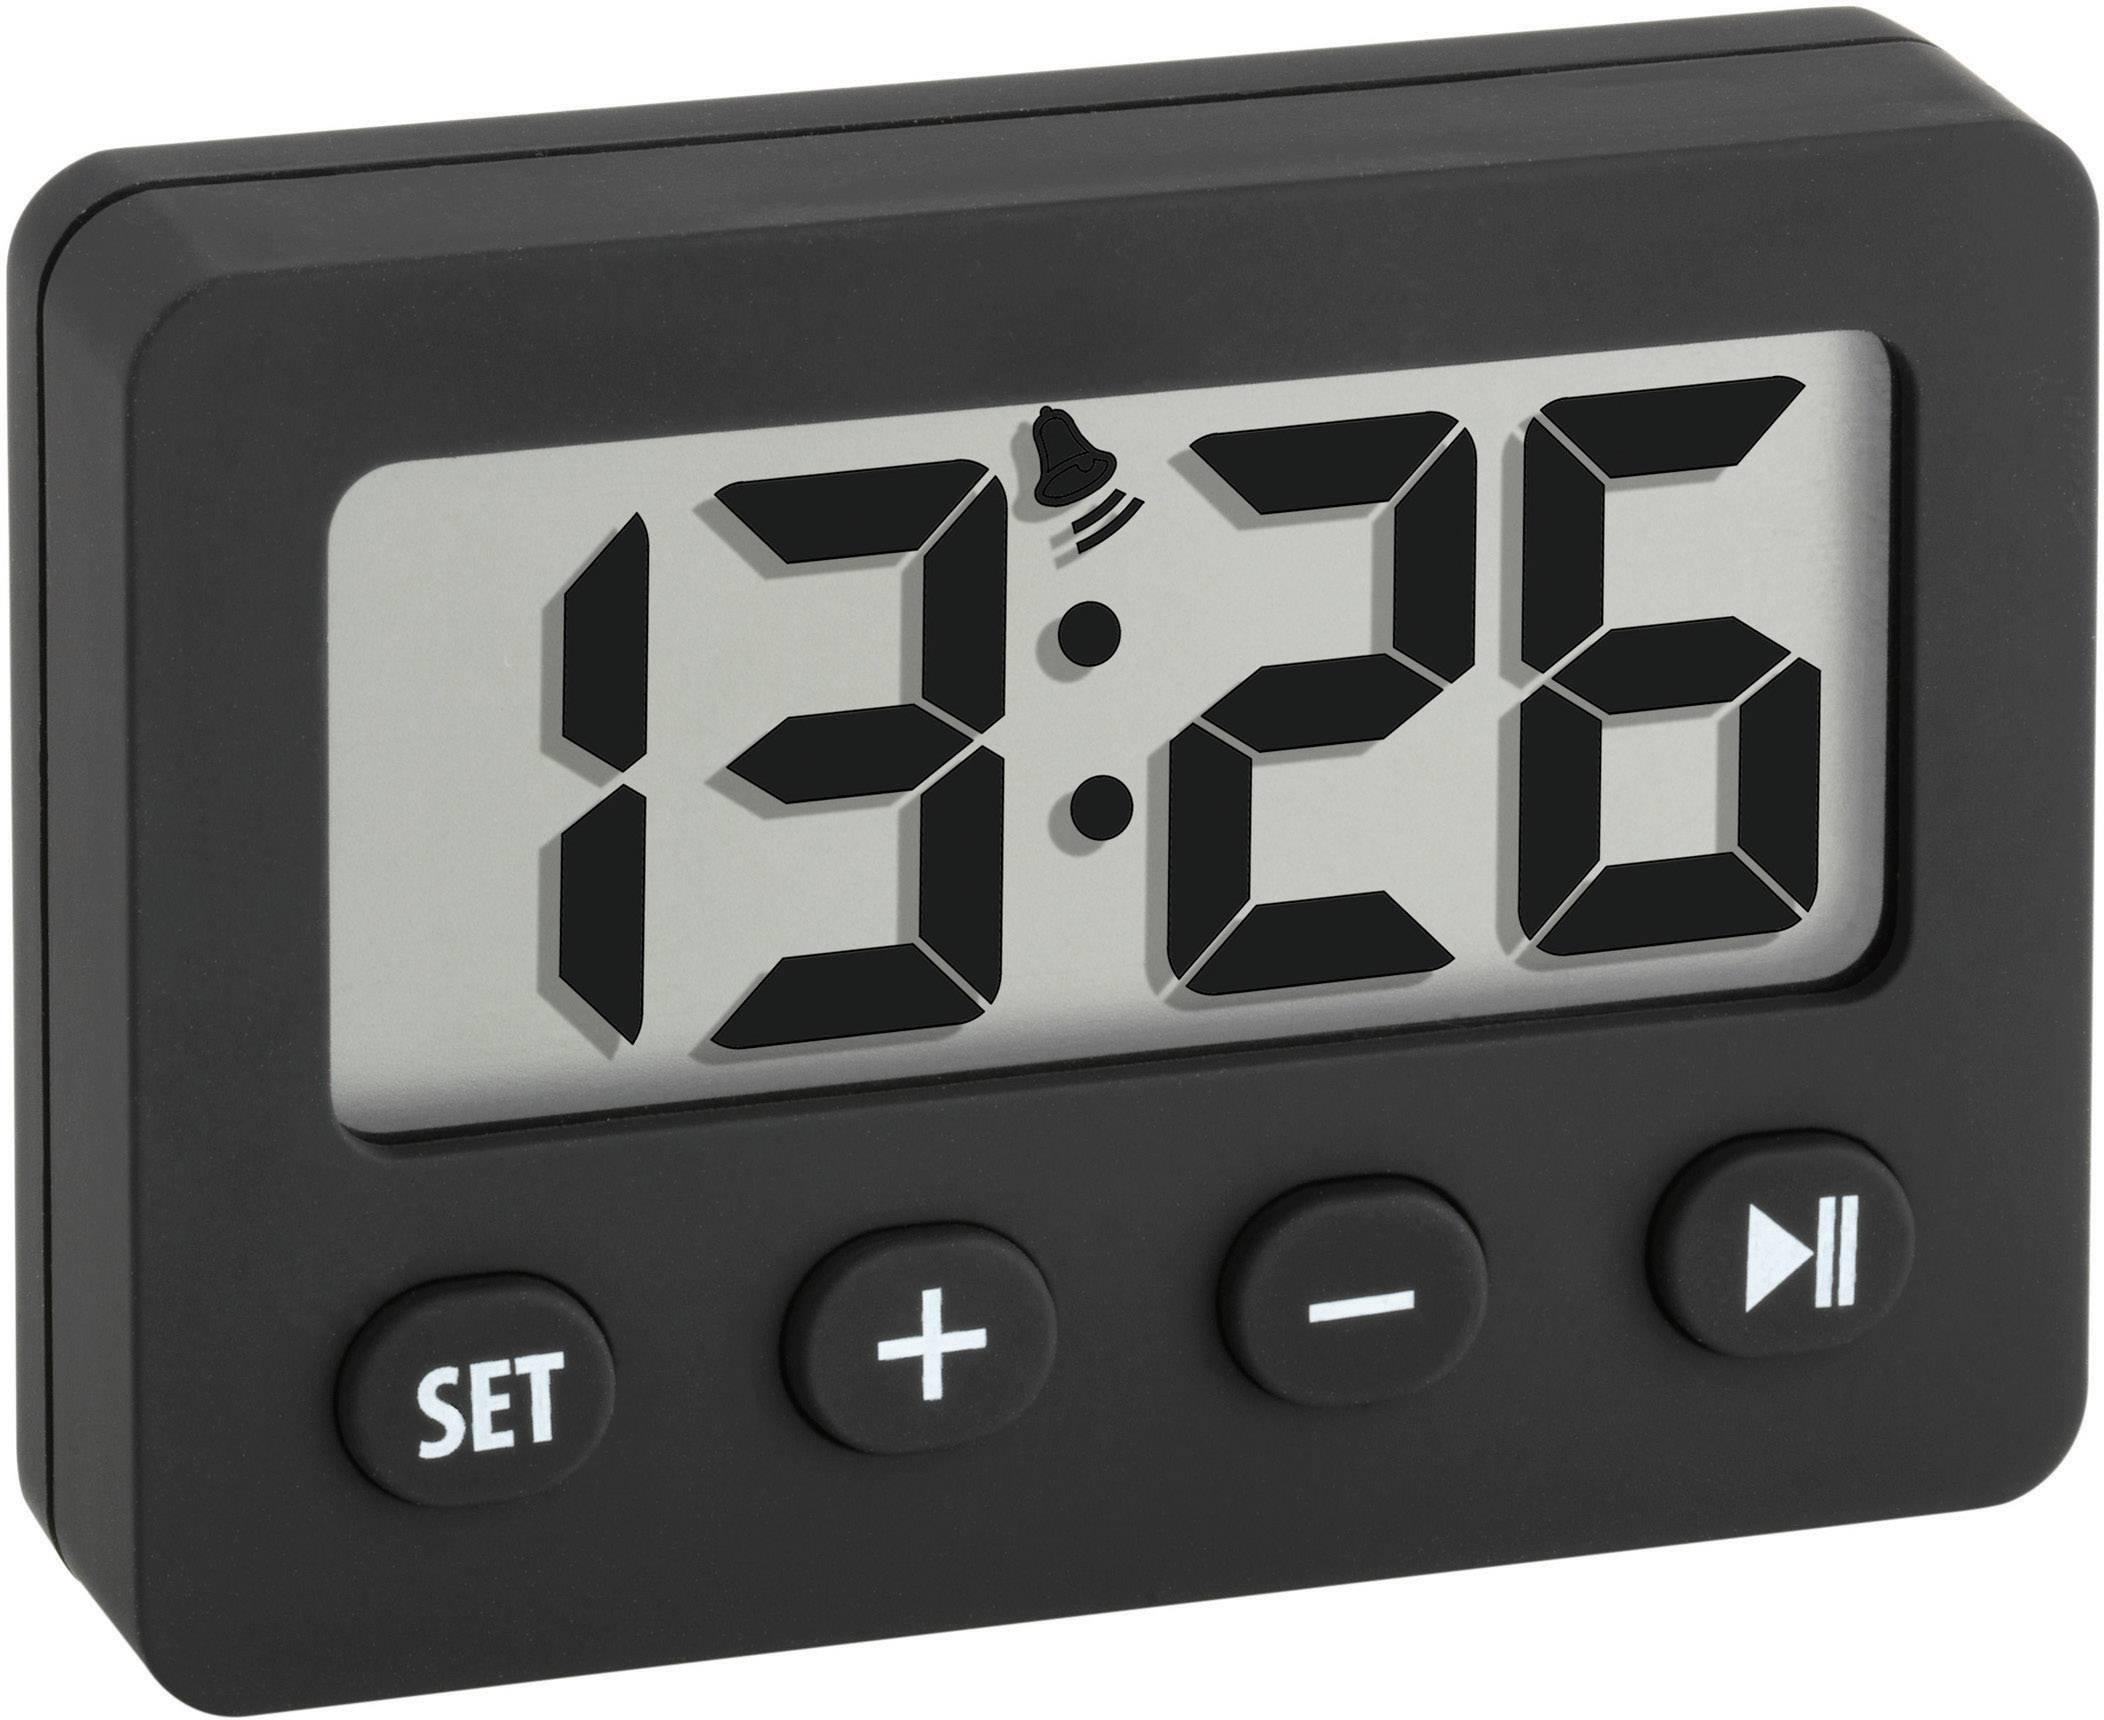 Digitální budík s časovačem a stopkami, 60-2014-01, 42 x 59 mm, černá